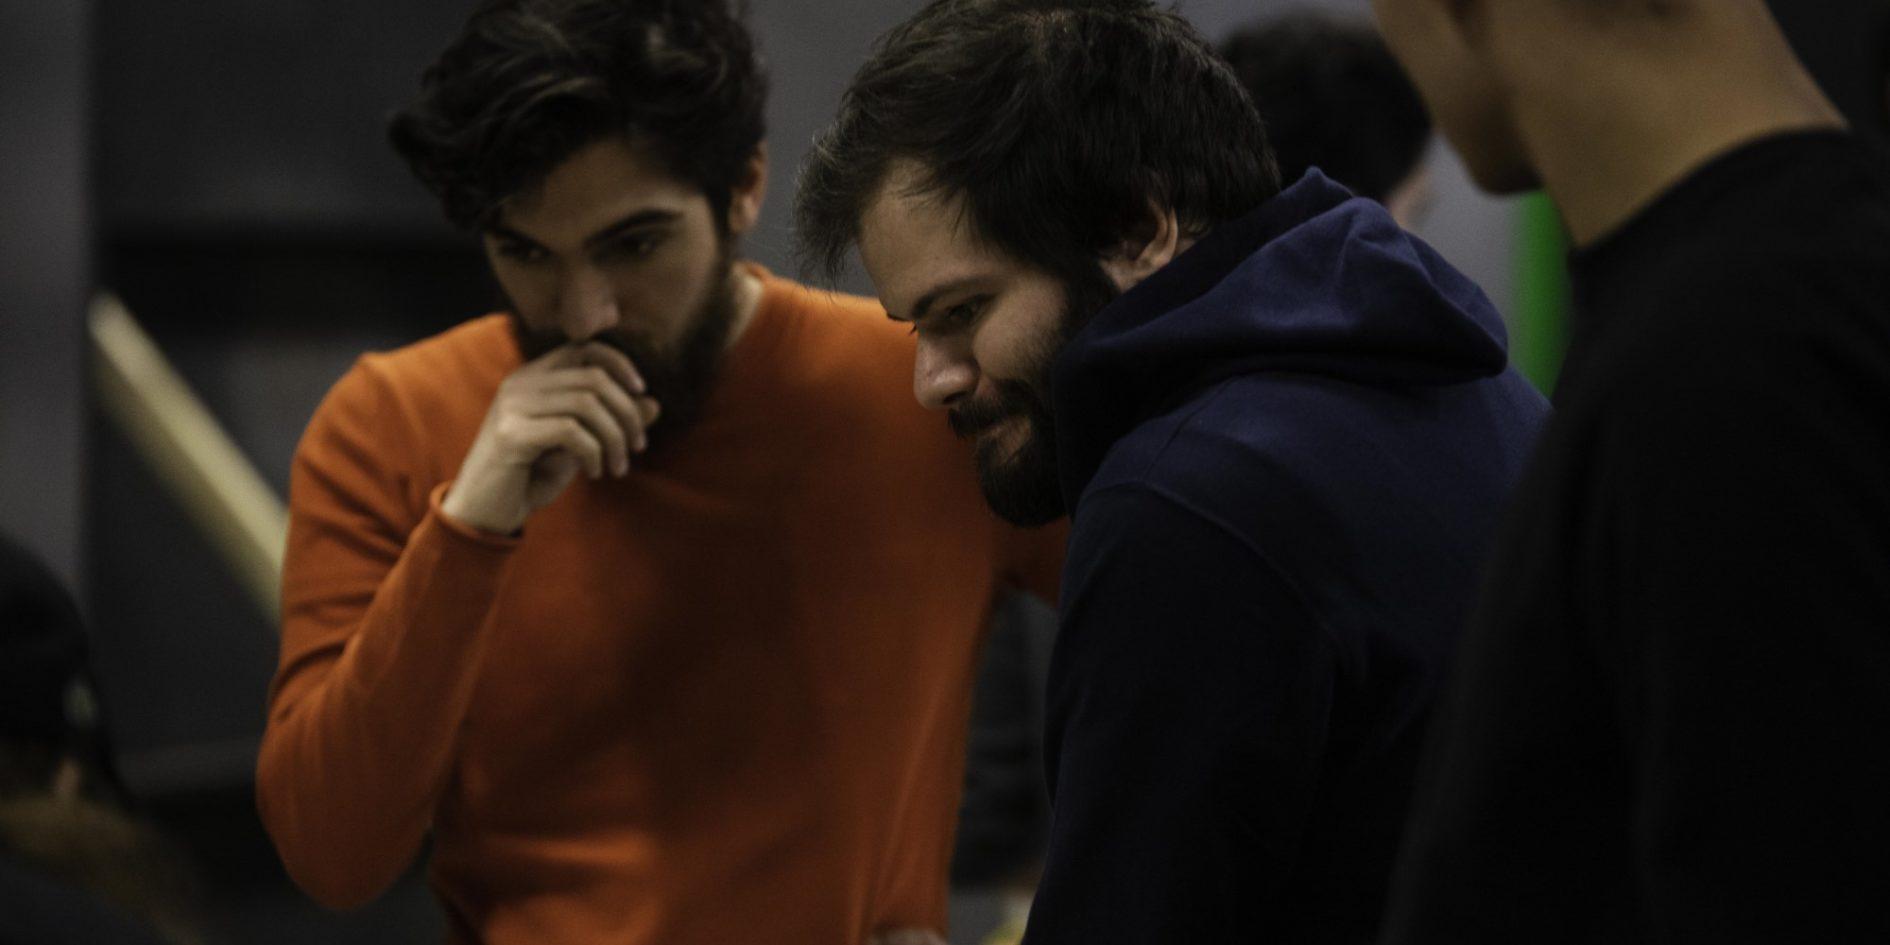 Quelques Minutes Apres Minuit Juan Antonio Bayona Cinecreatis 28